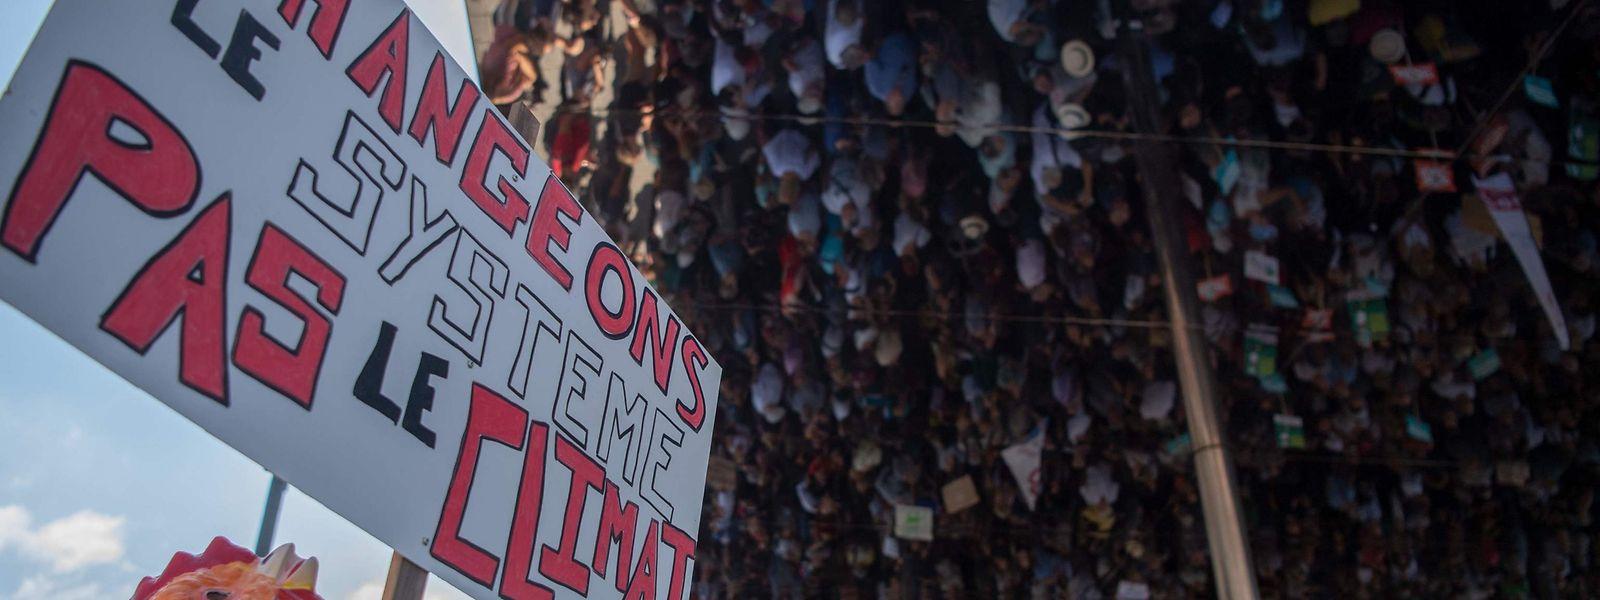 """""""Mudar o sistema, não o clima"""" foi o lema das manifestações em França"""